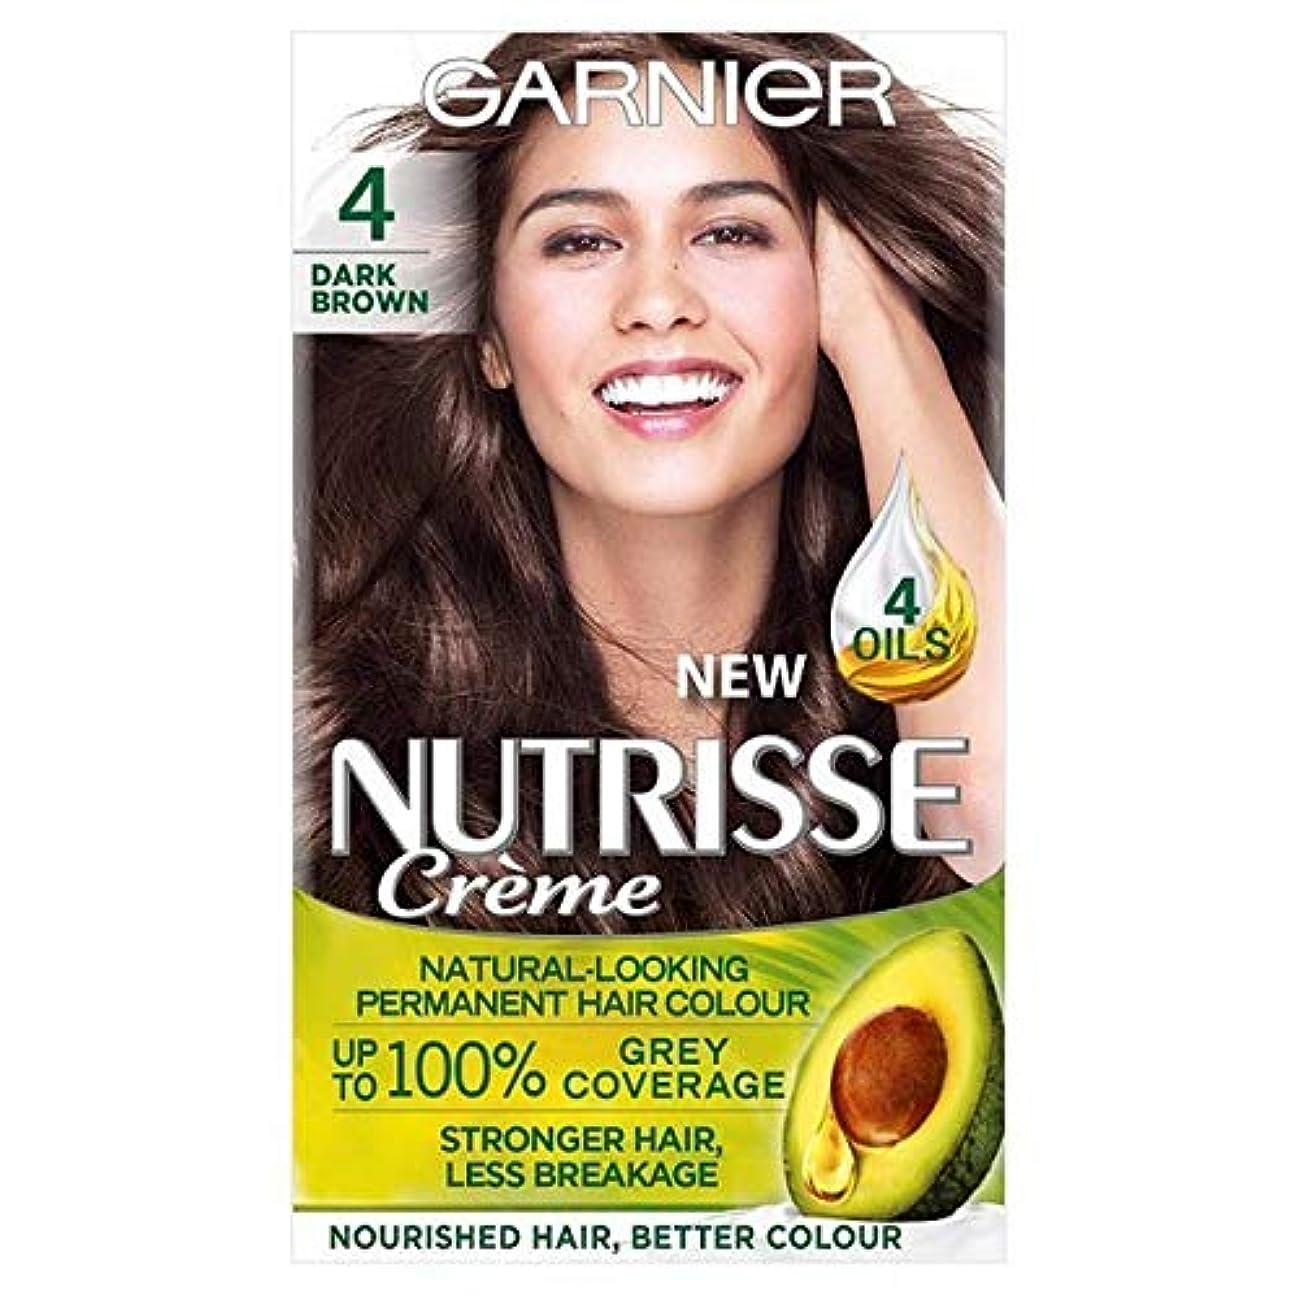 忘れっぽい脆いジャーナリスト[Garnier ] ガルニエNutrisse永久染毛剤ダークブラウン4 - Garnier Nutrisse Permanent Hair Dye Dark Brown 4 [並行輸入品]